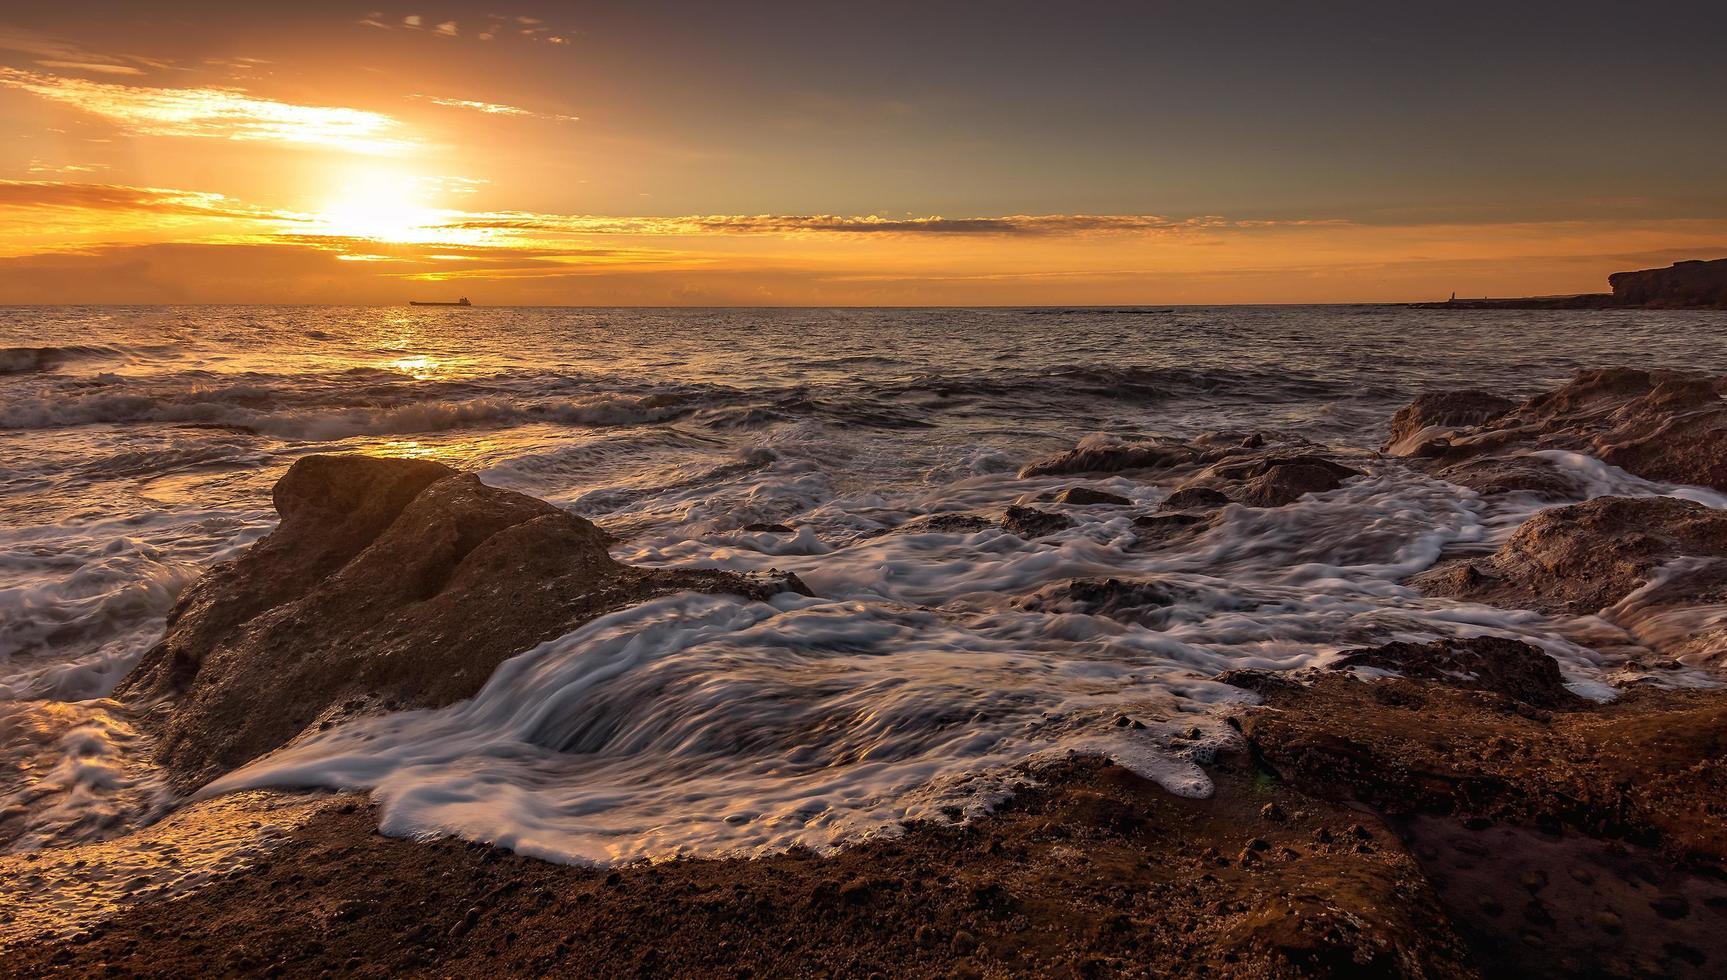 Wellen, die während des Sonnenuntergangs an Land krachen foto